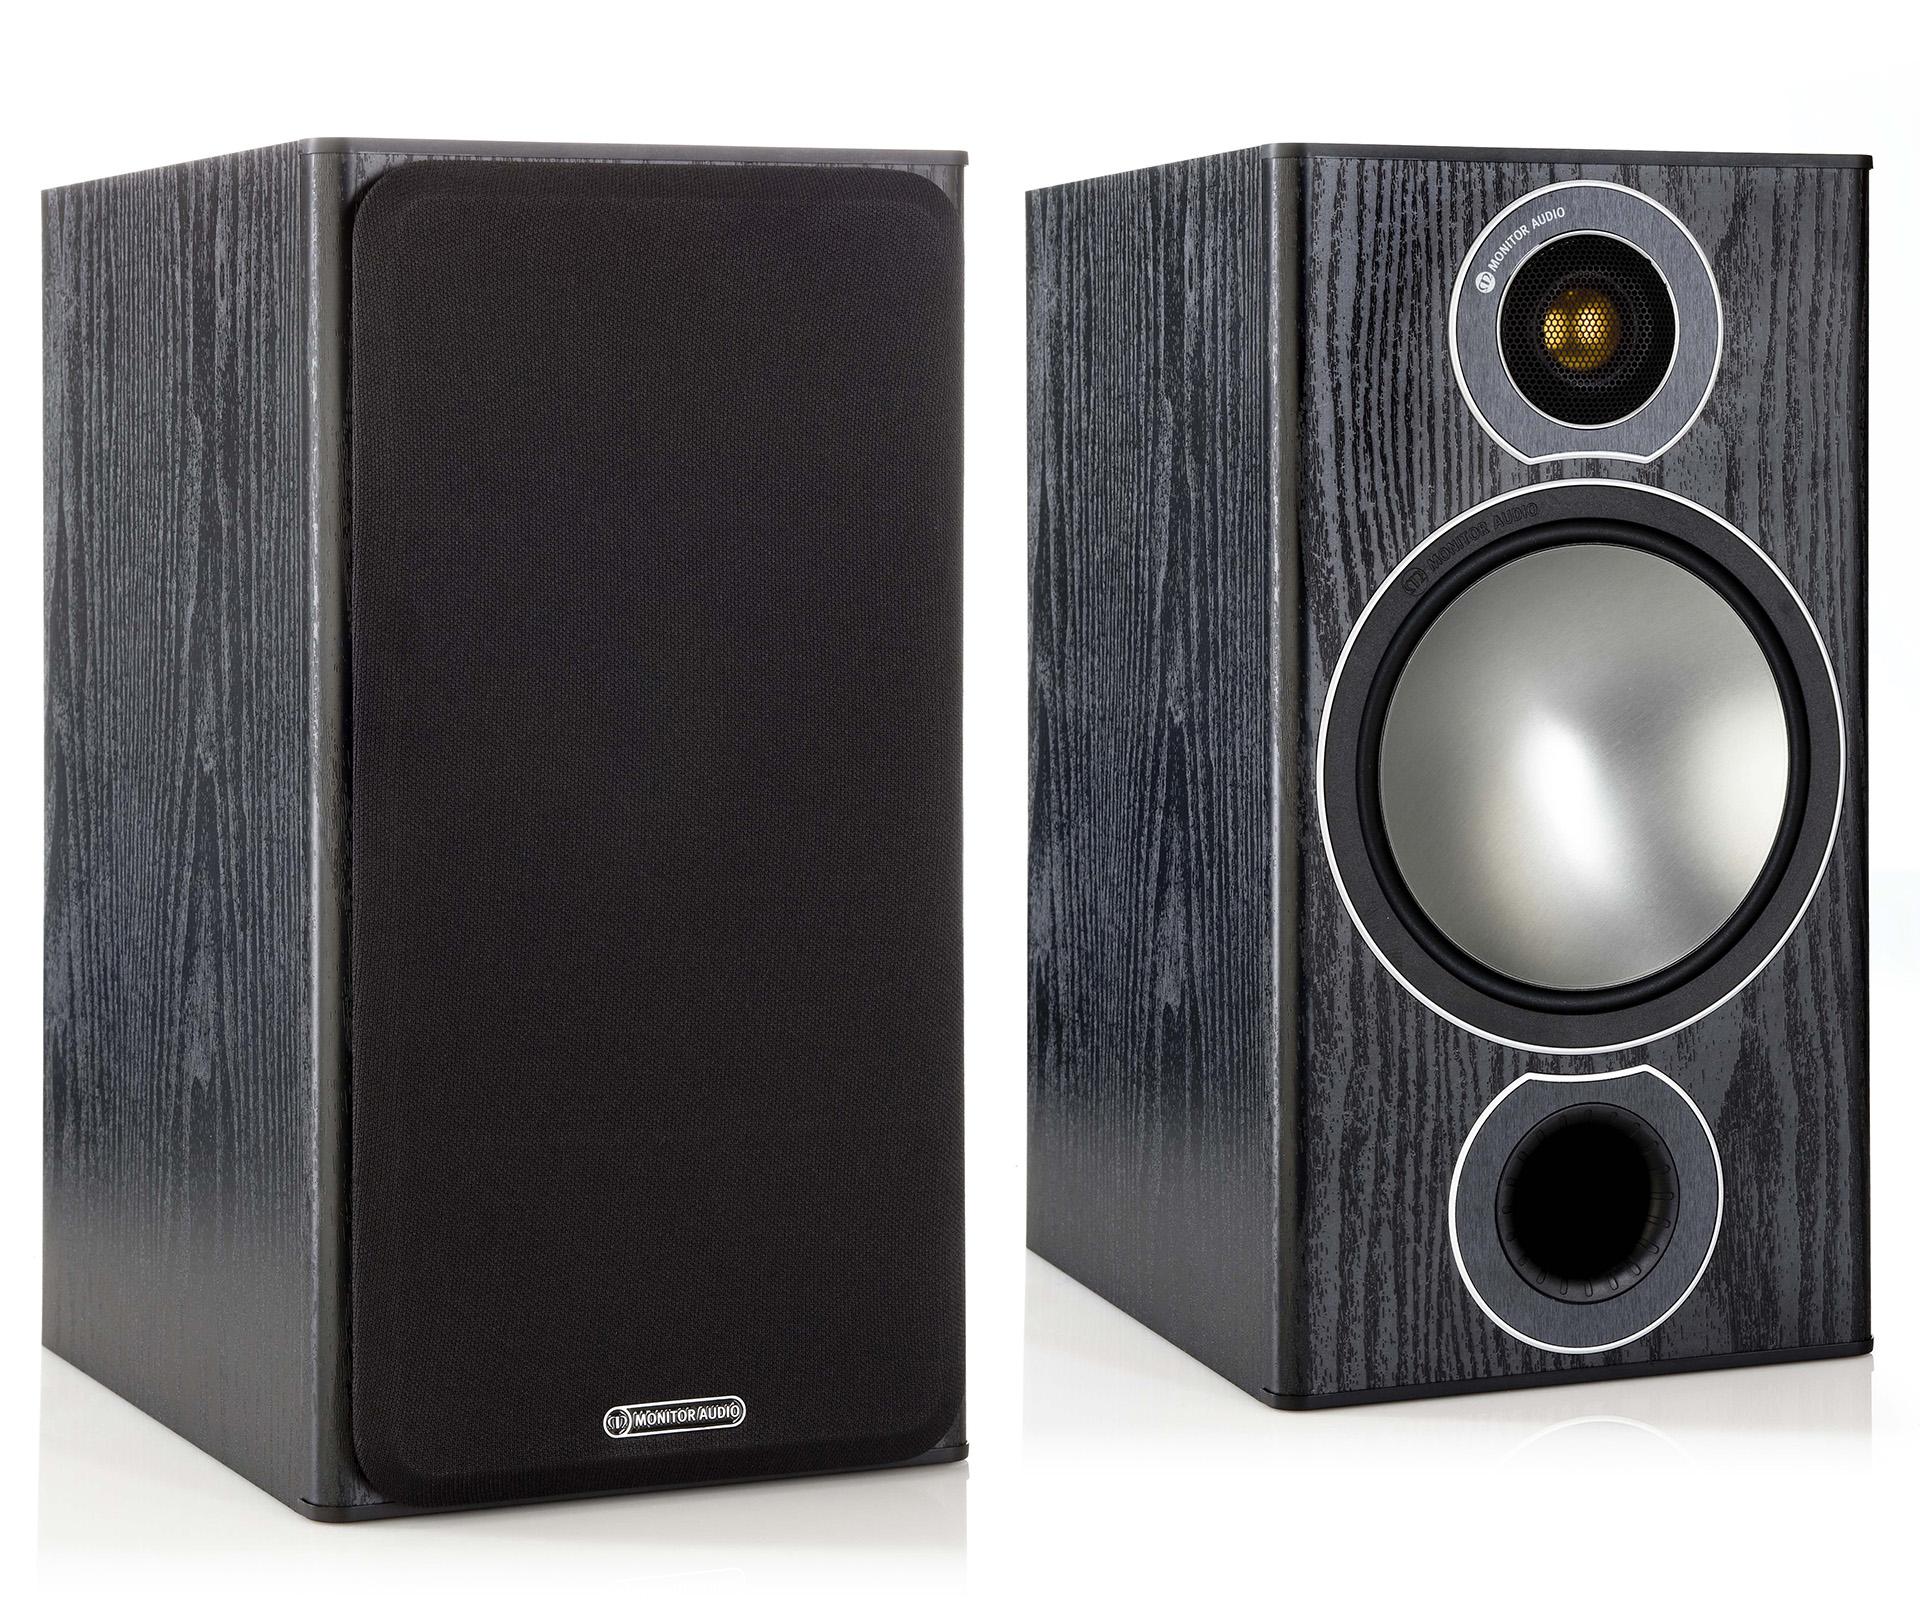 По звучанию Monitor Audio Bronze 2 могут поспорить с гораздо более дорогими колонками